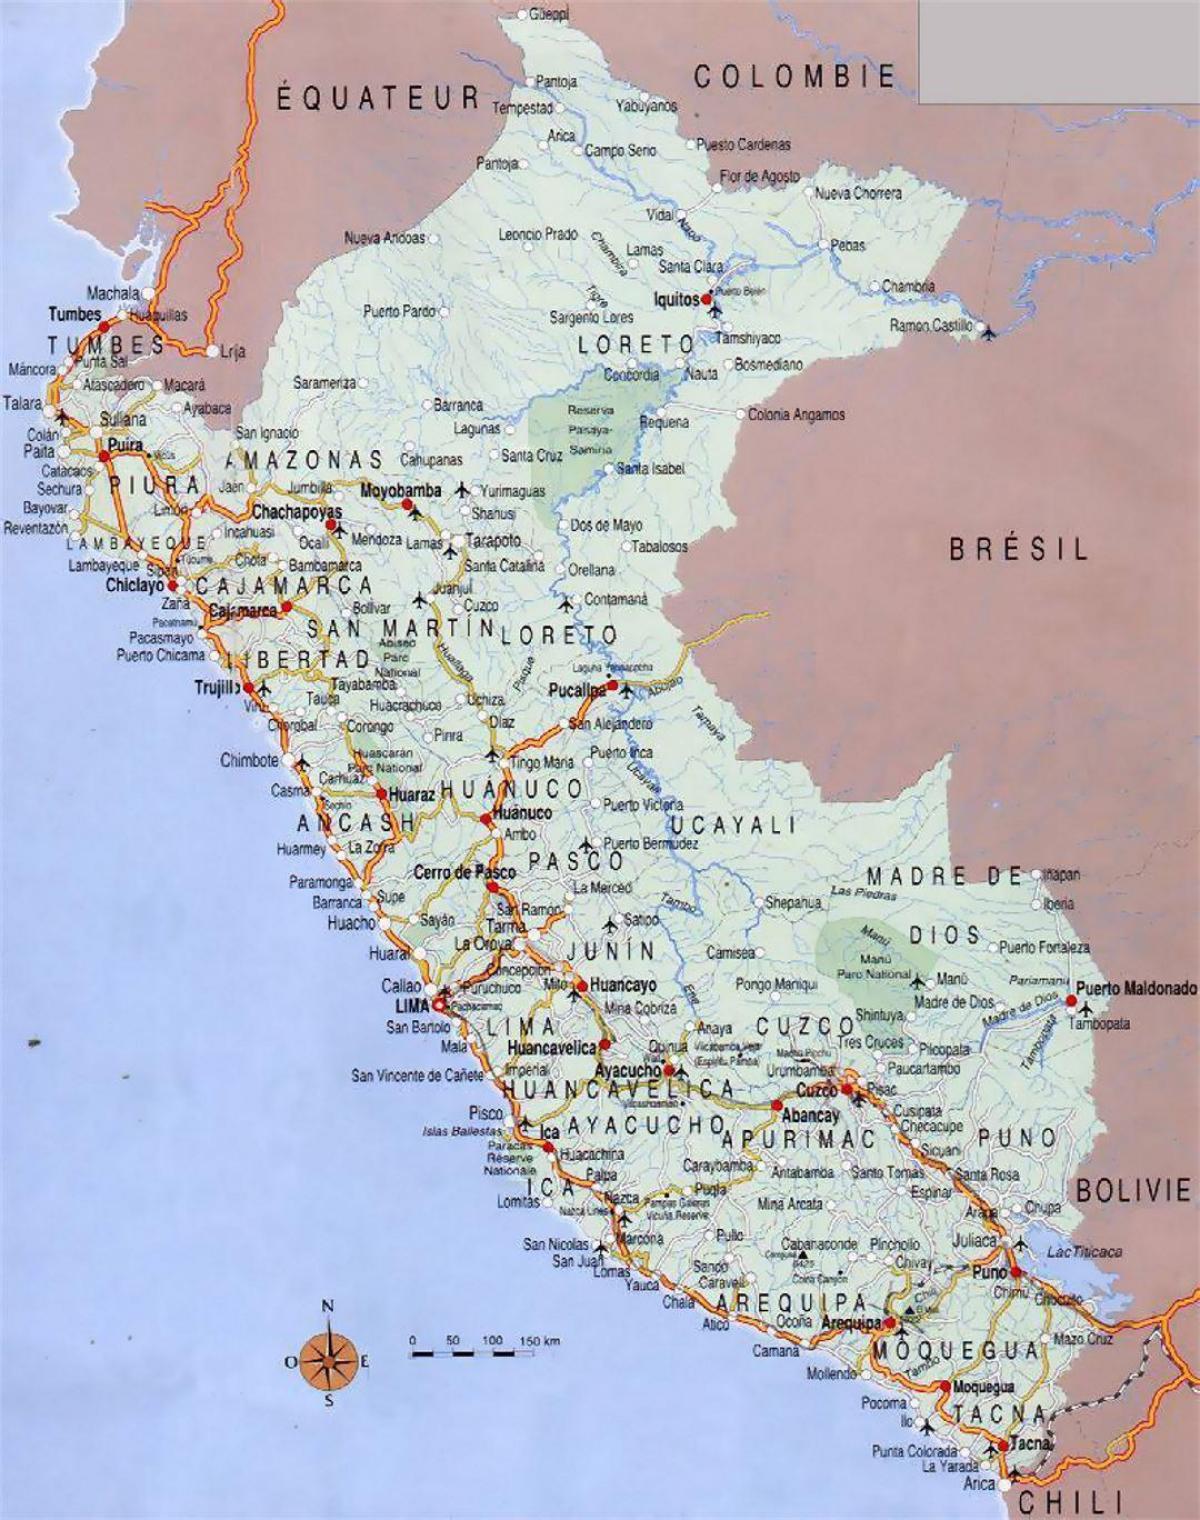 Peru Kaupunkien Kartta Kartta Perun Kaupungeista Etela Amerikka